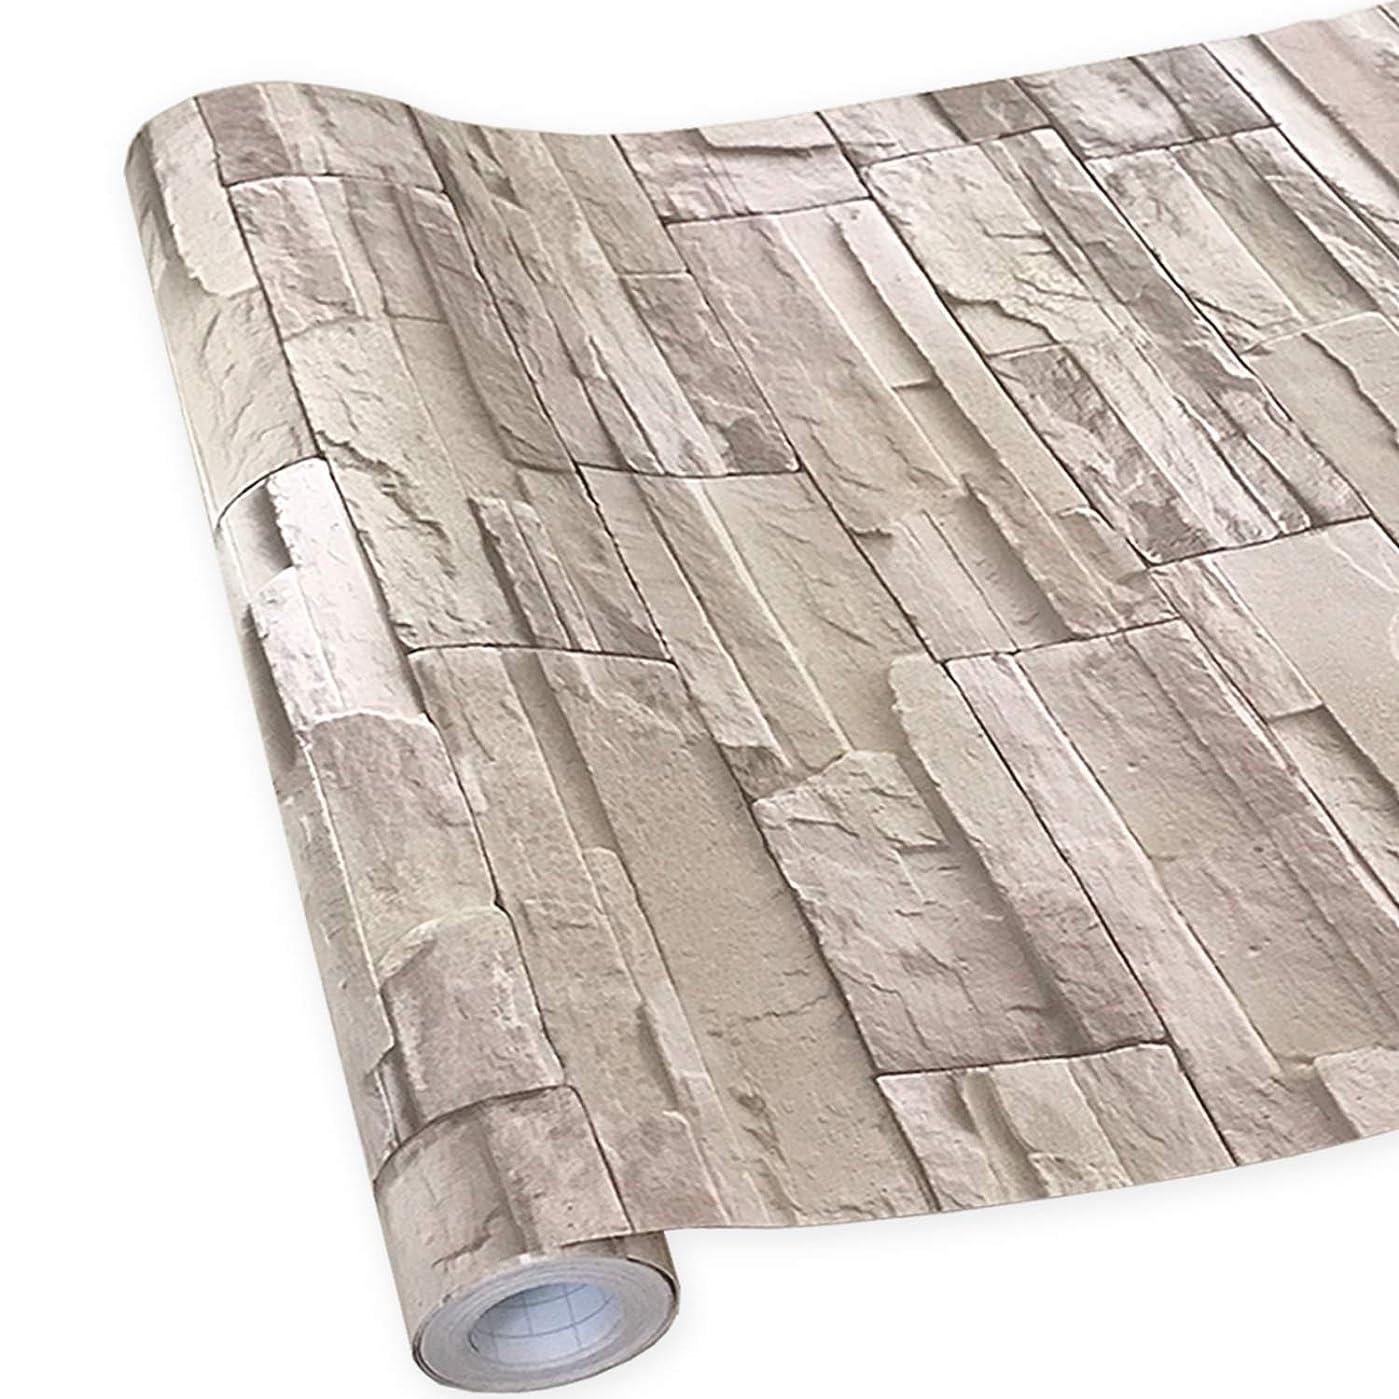 重要修正精巧なmori no kami 森の紙 曲がる 極薄 壁紙 天然木のシート ウォ-ルナット 粘着シールタイプ A4サイズ DIY 化粧材 切文字